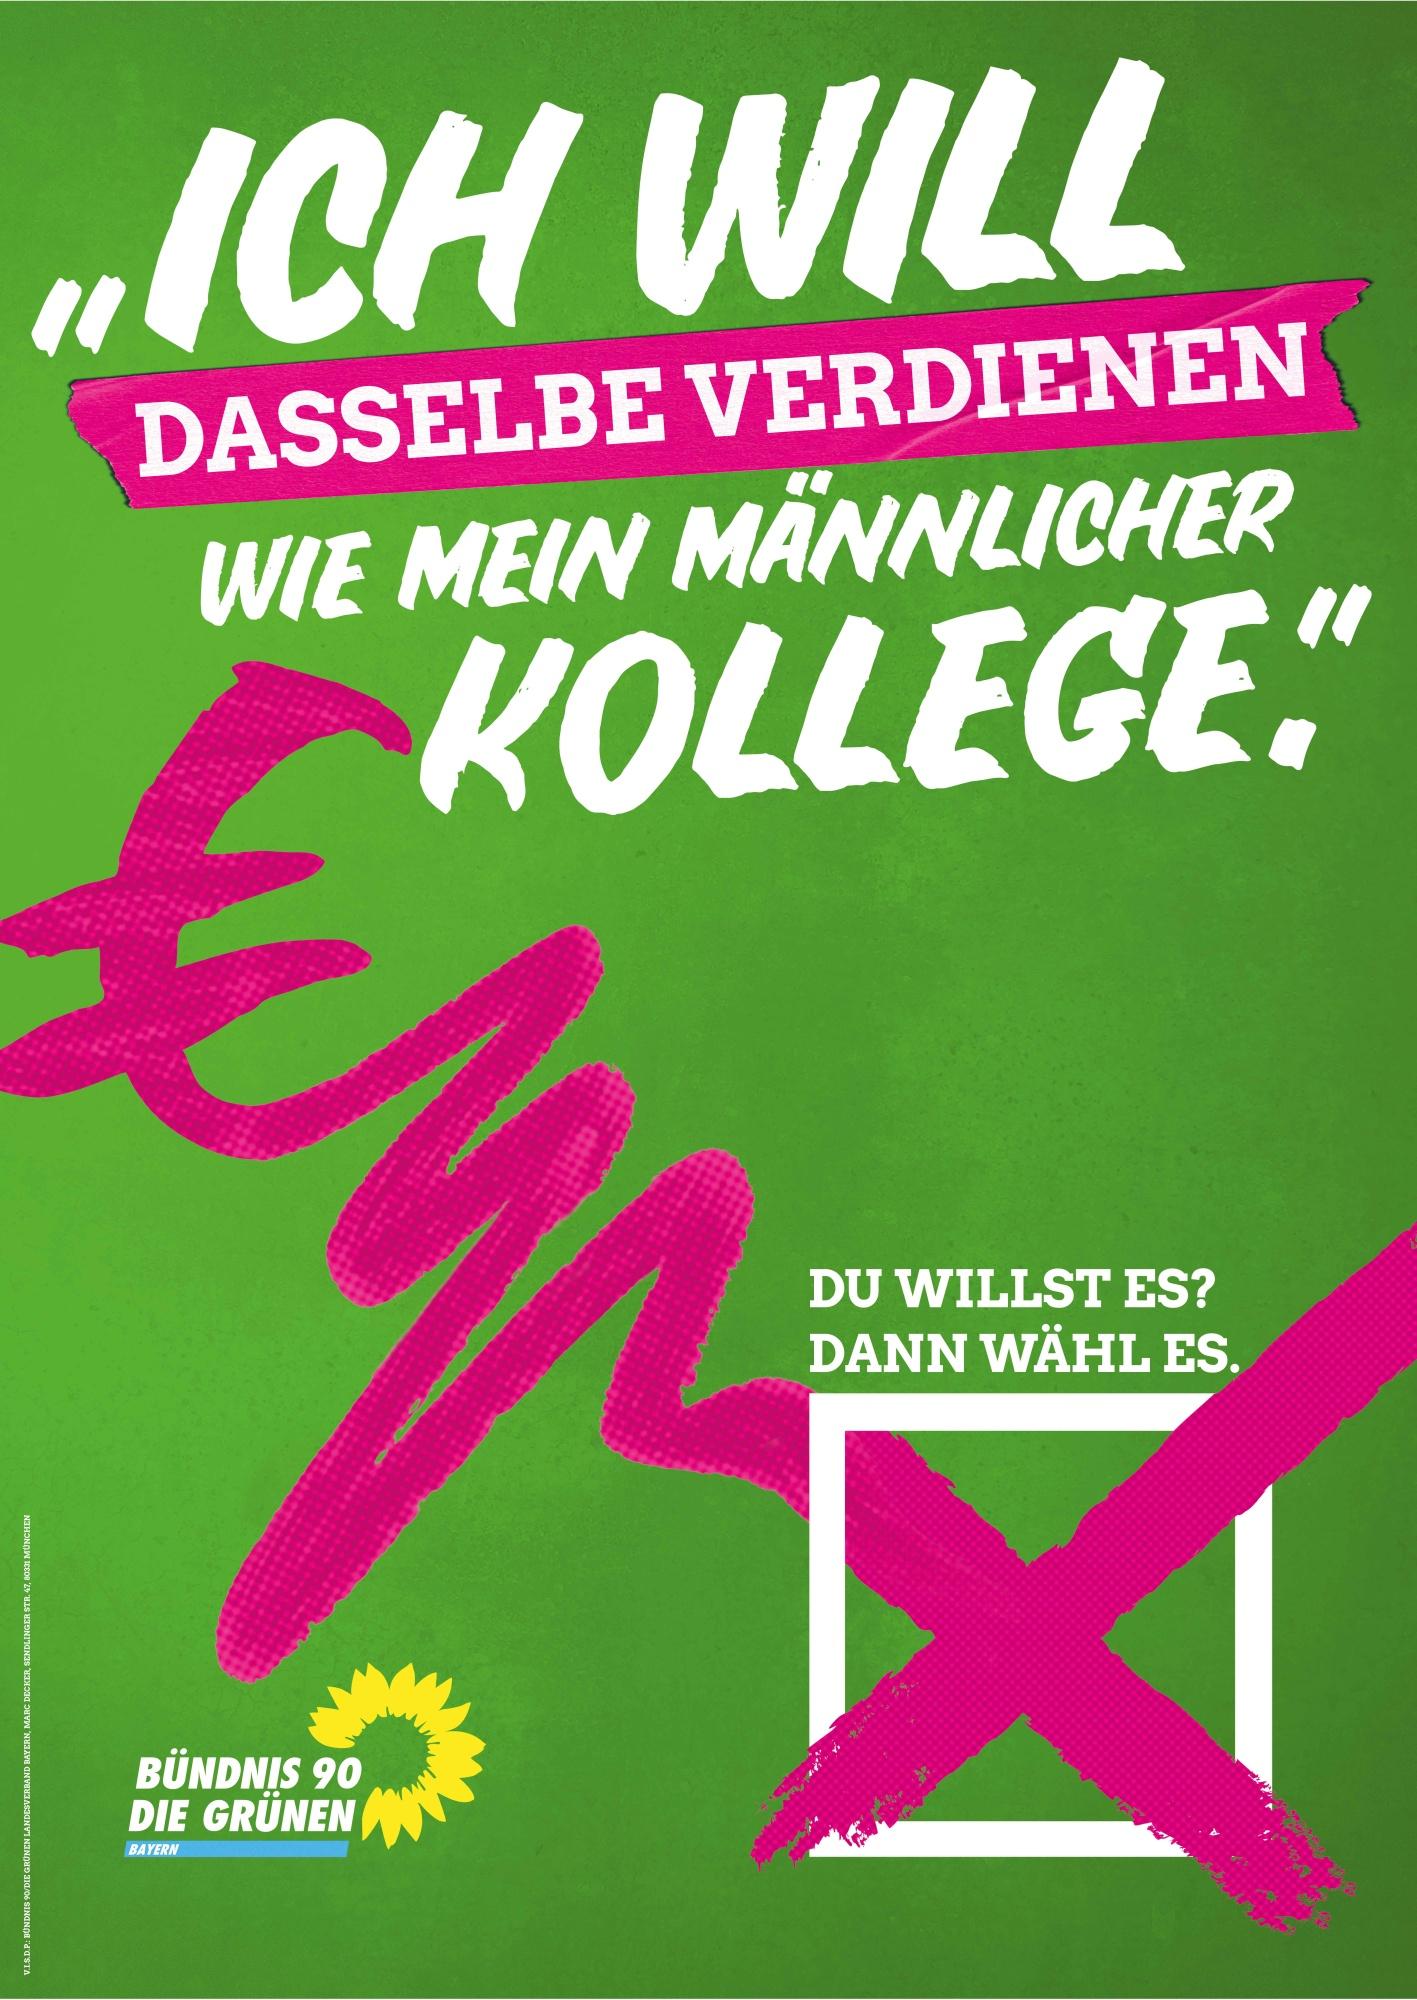 Grüne_Landtagswahl2018_Gleichstellung.jpg